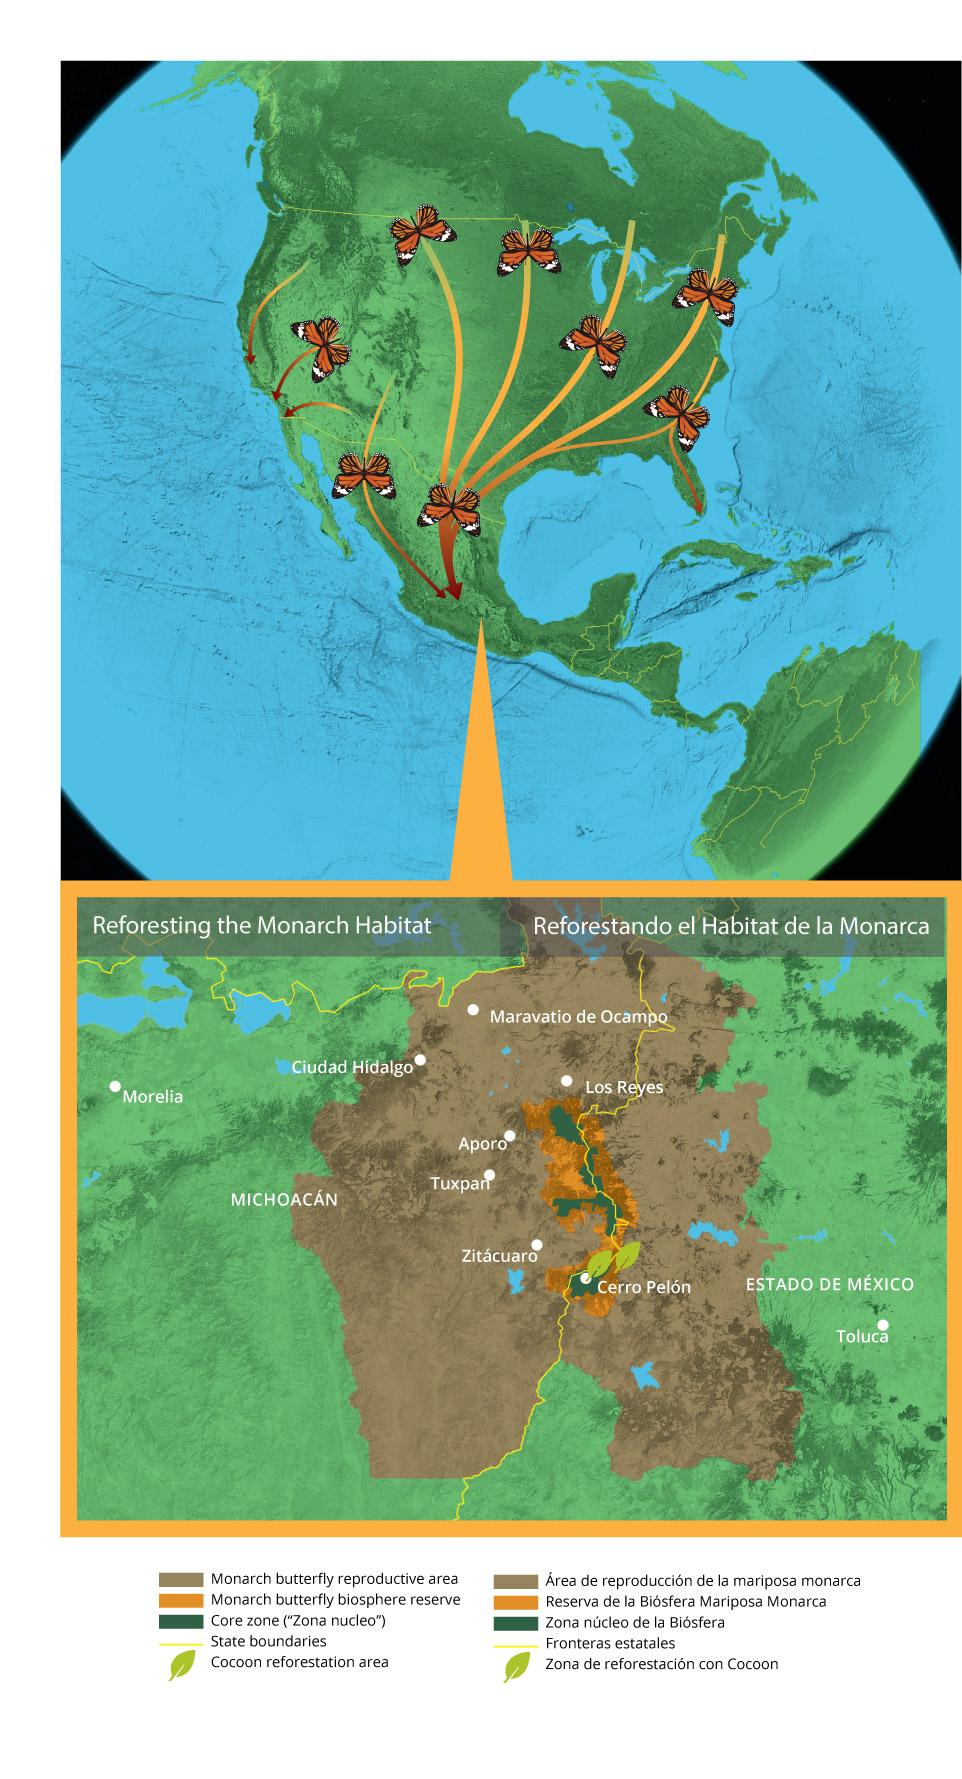 NorthAmericaMigration-4_N-american-migration.jpg